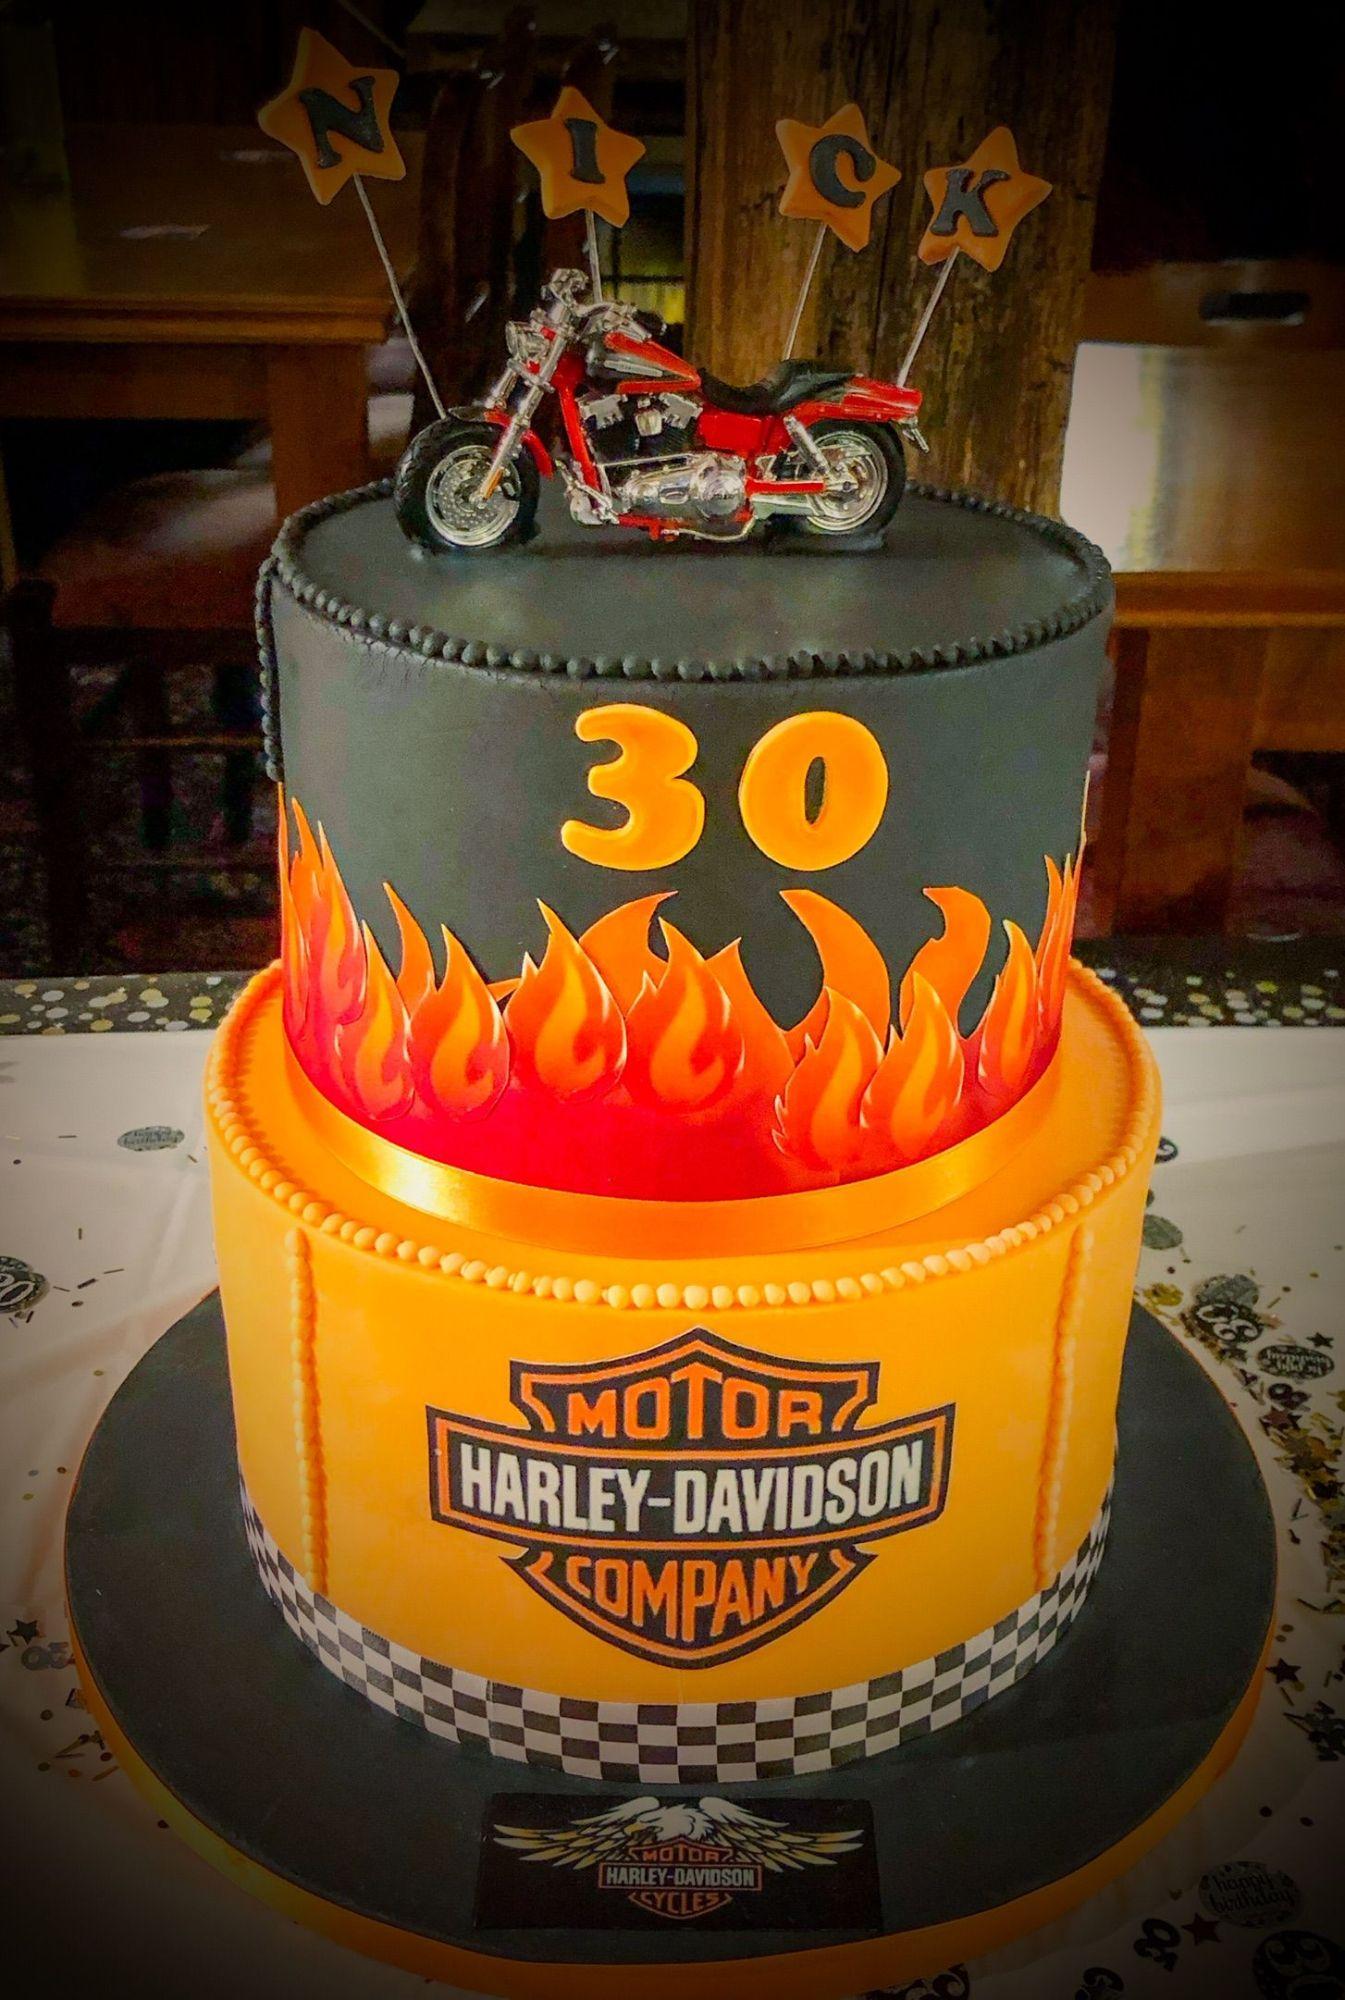 harley davidson cake 1